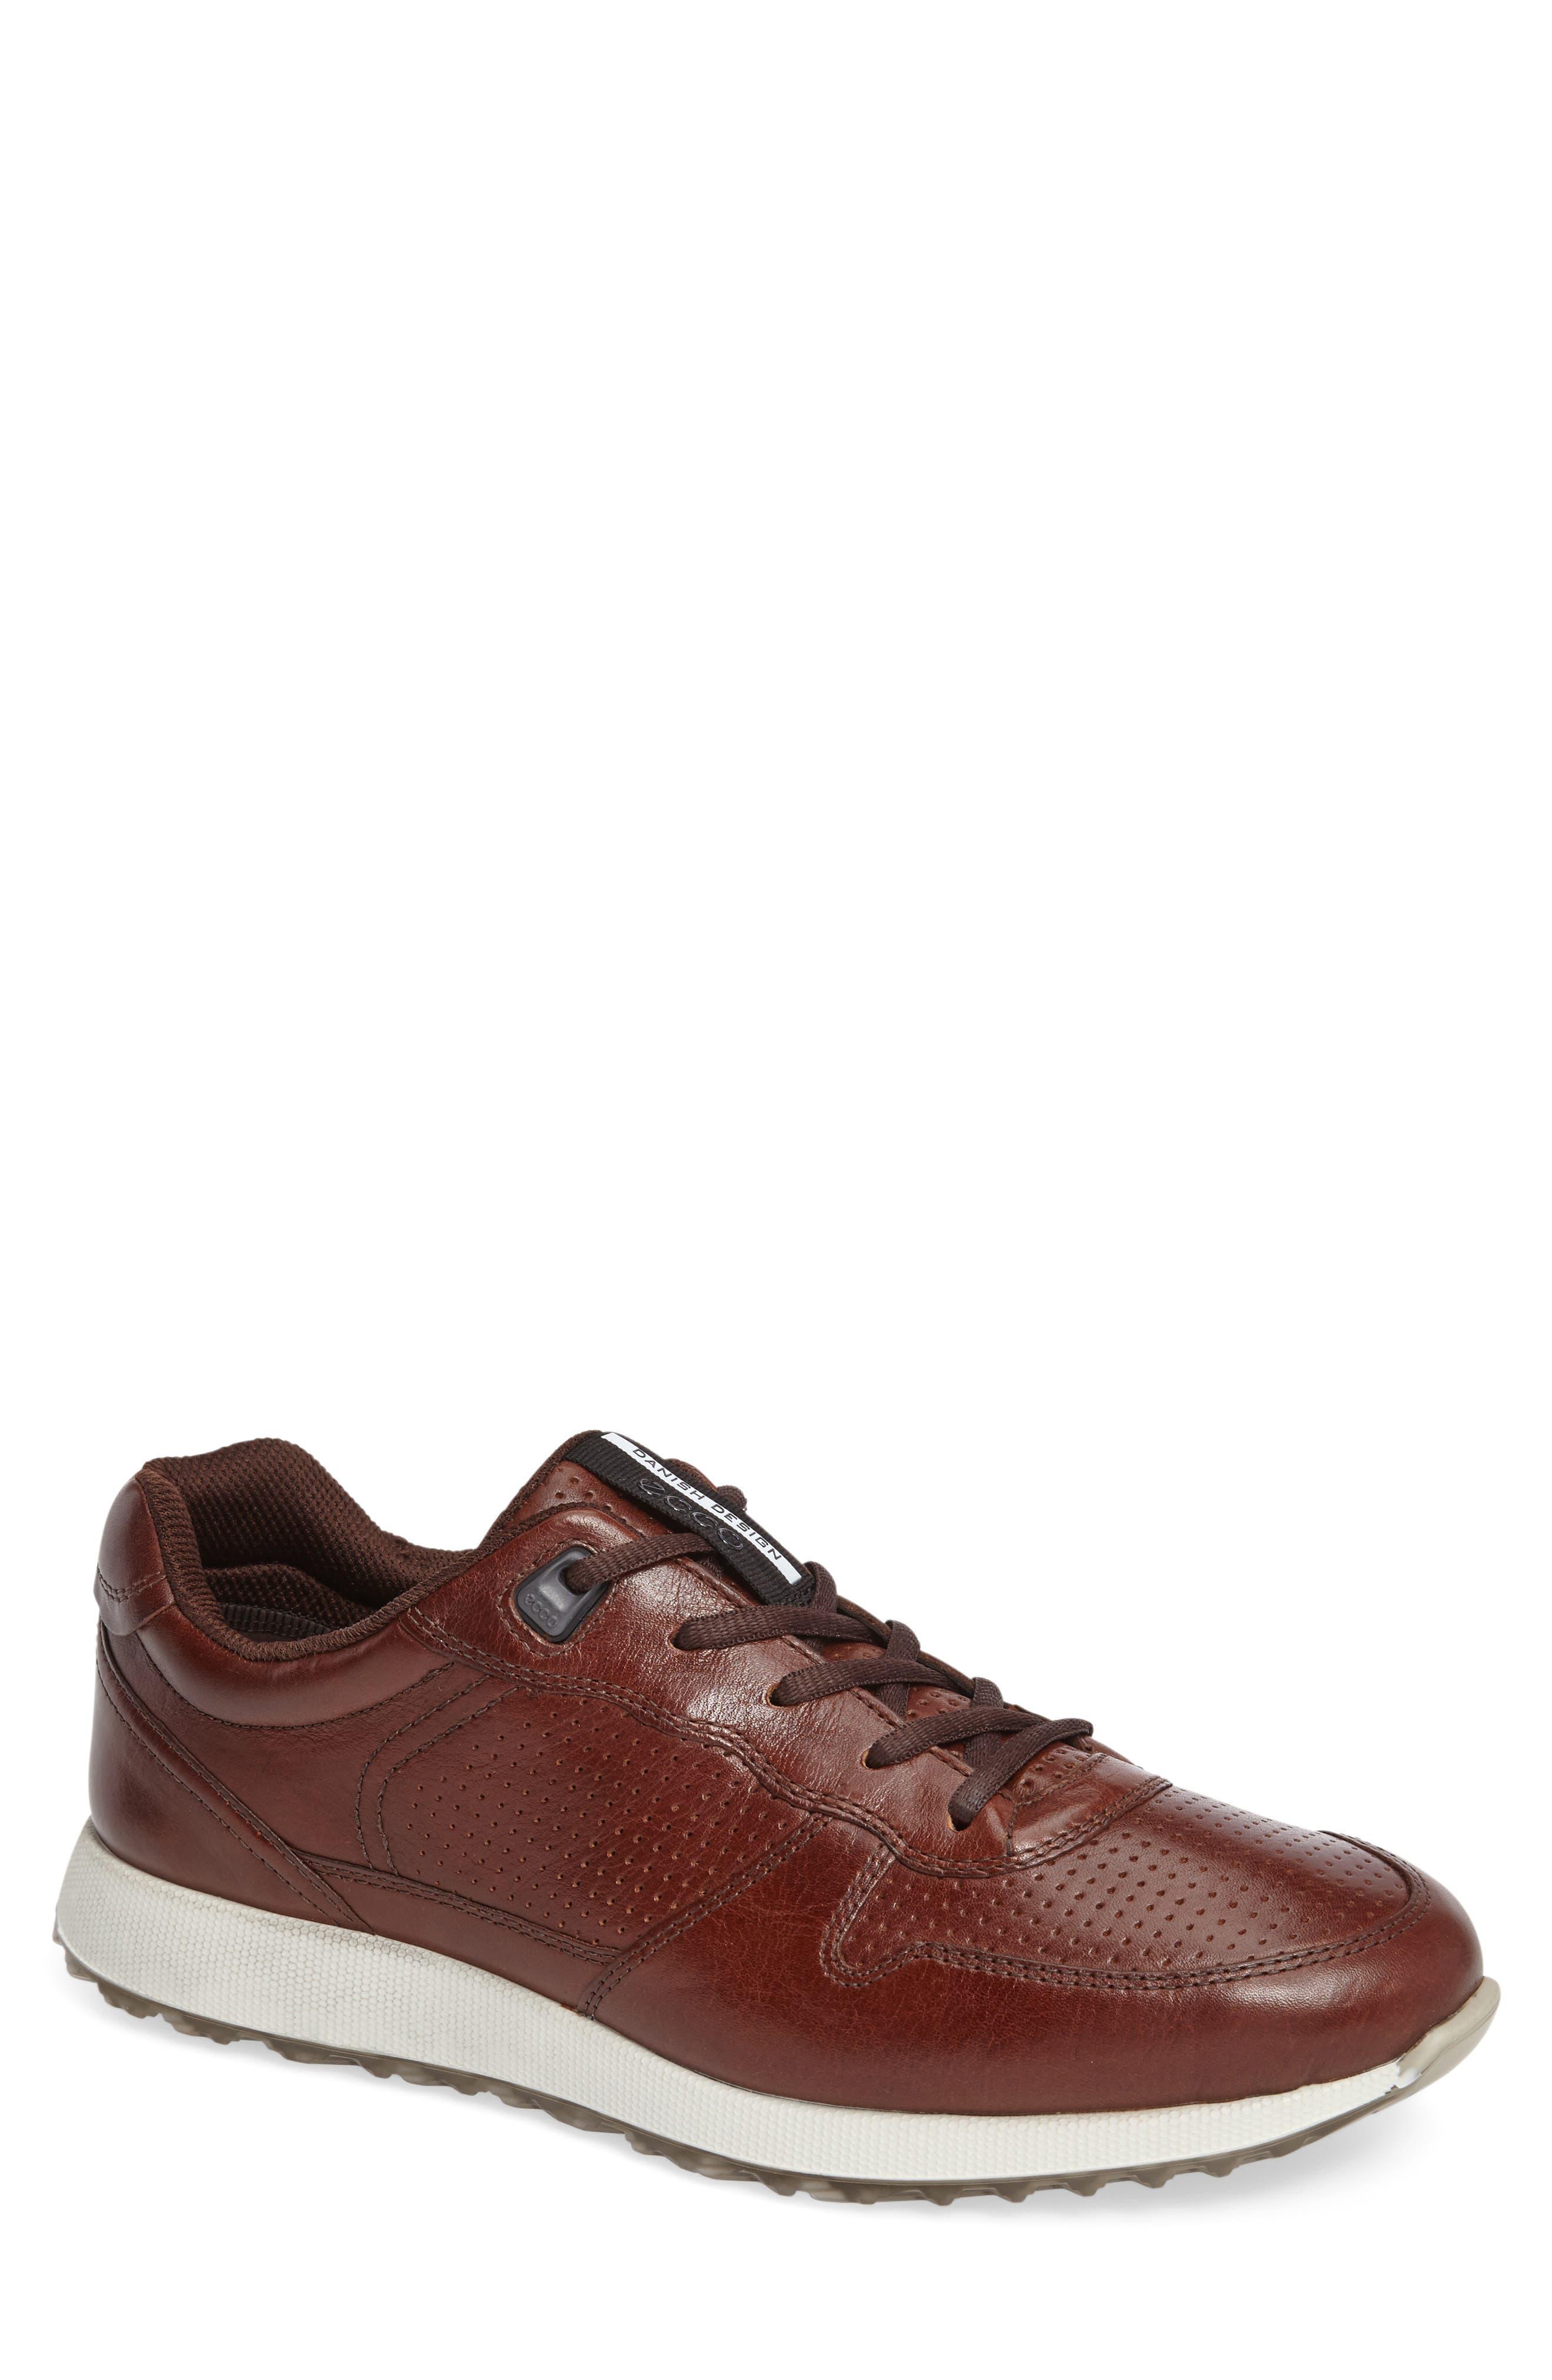 Sneak Sneaker,                             Main thumbnail 2, color,